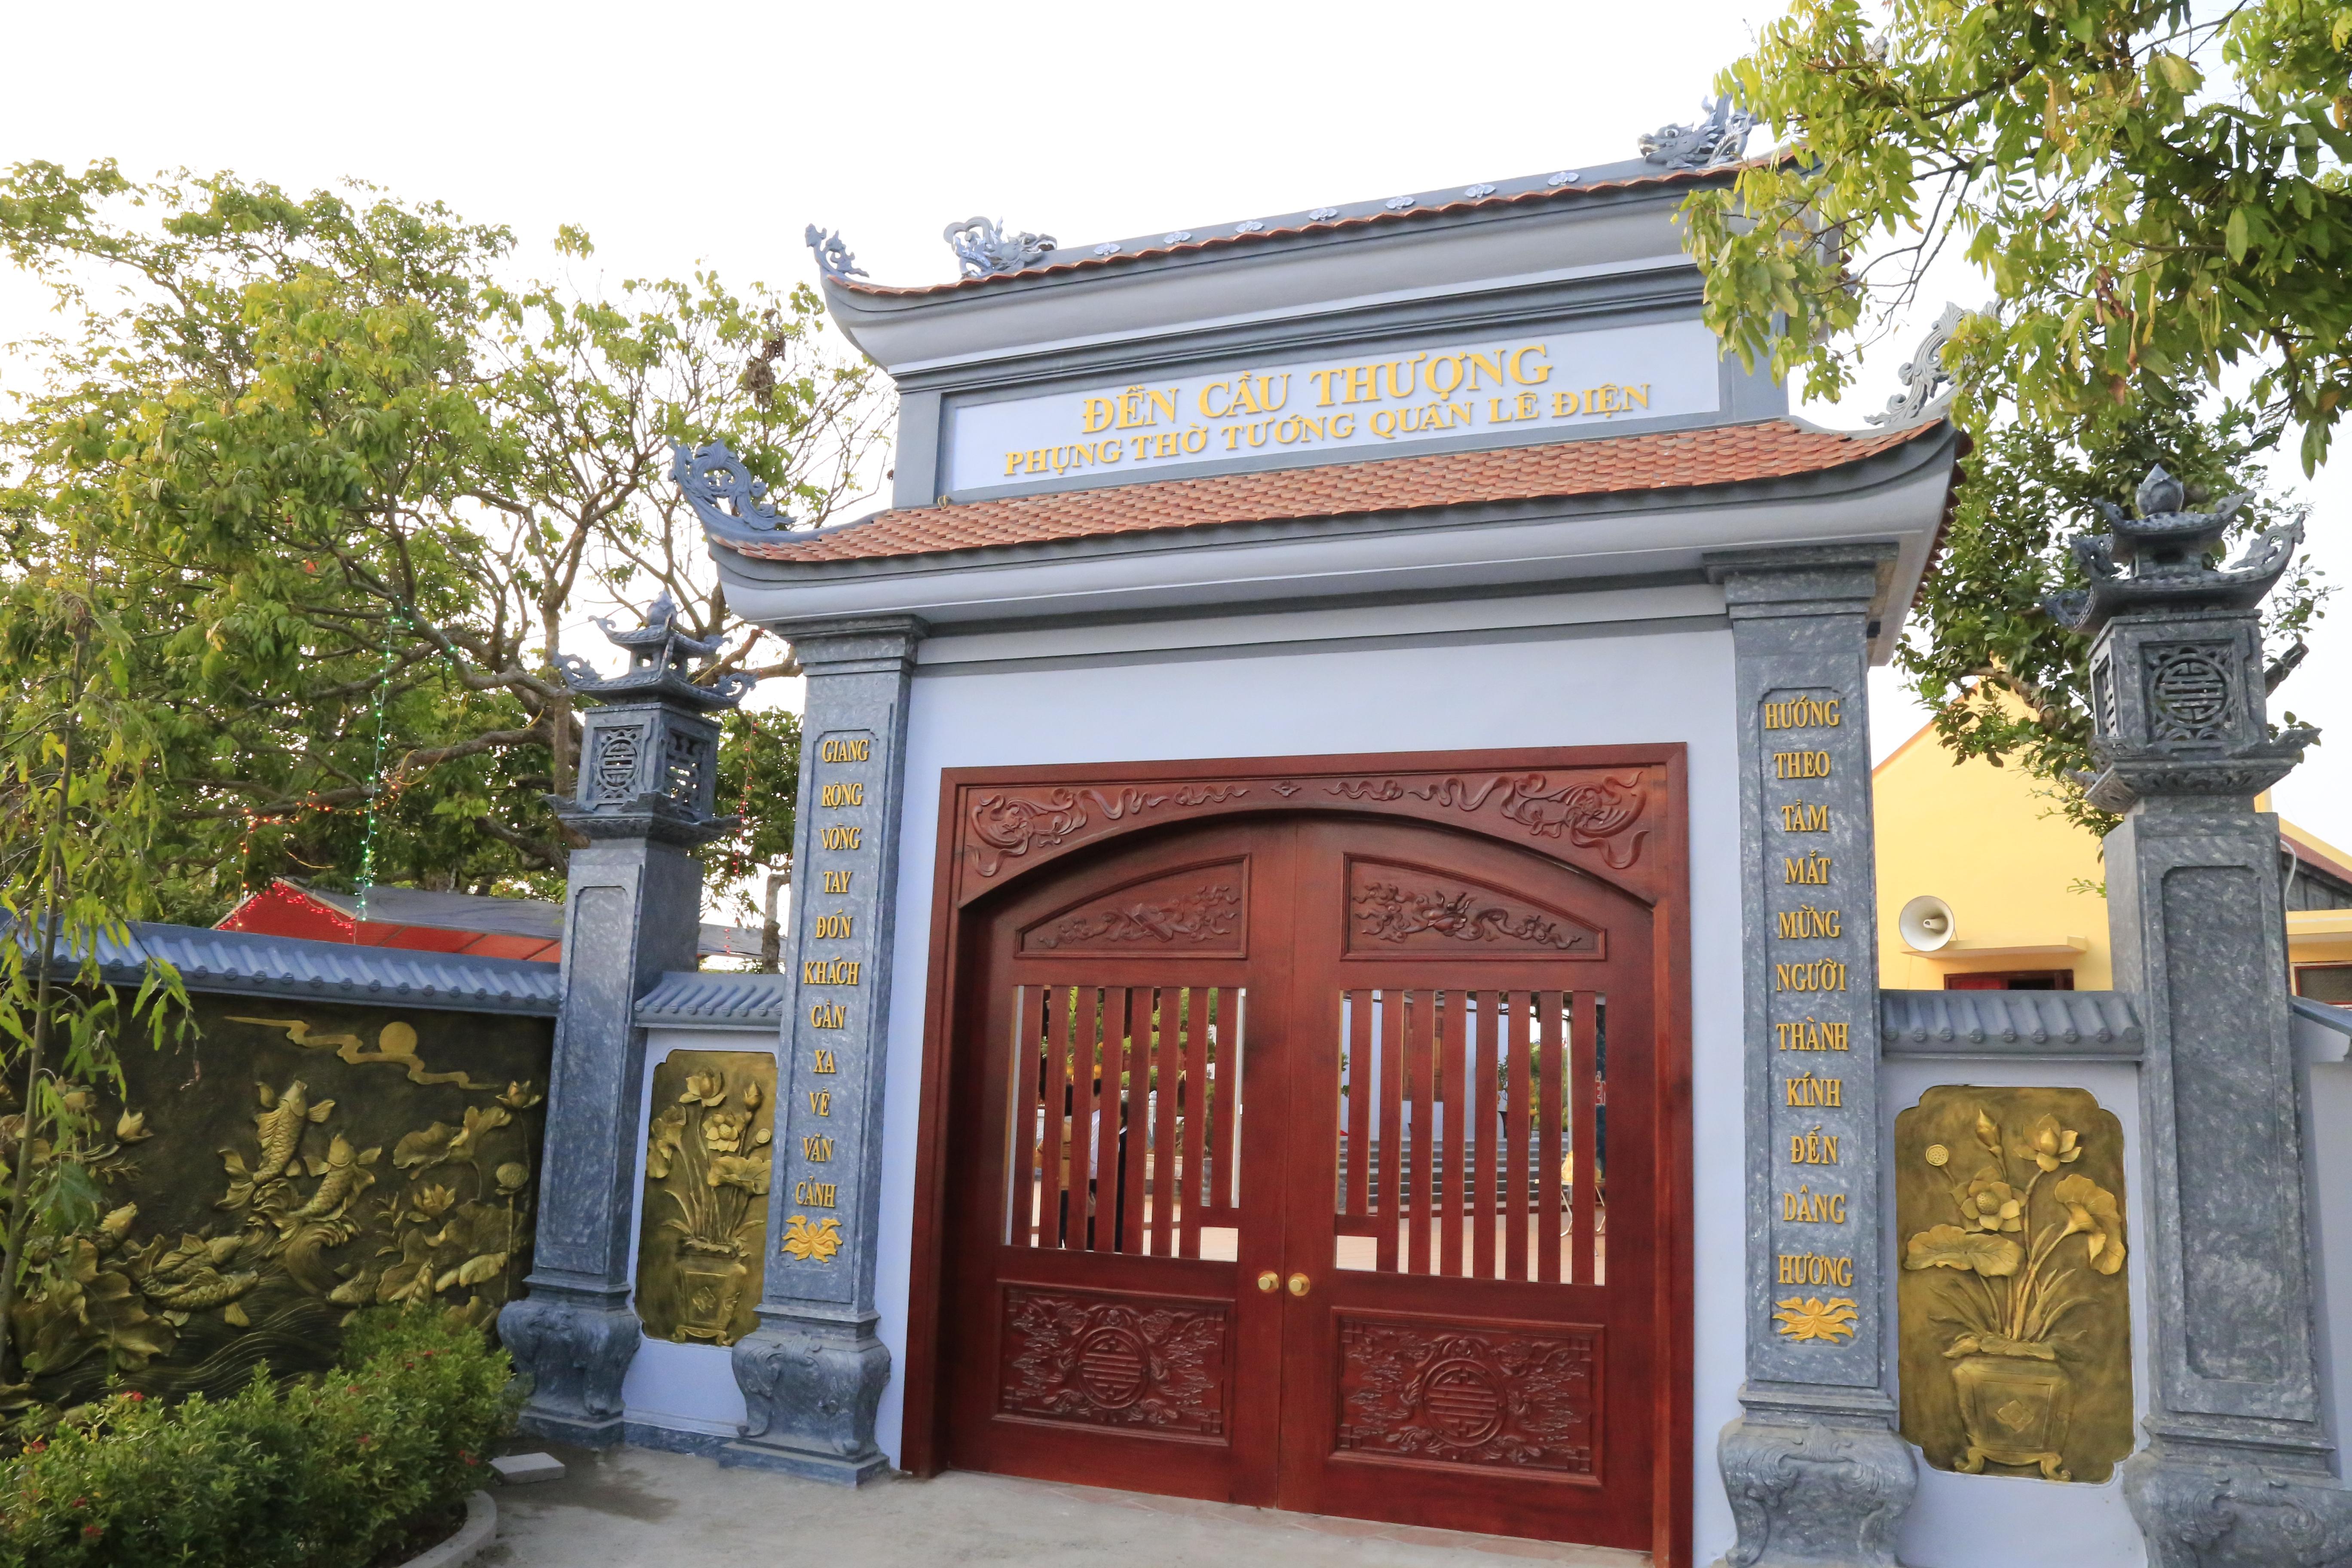 Đền Cầu Thượng Phụng thờ Tướng quân Lê Điện